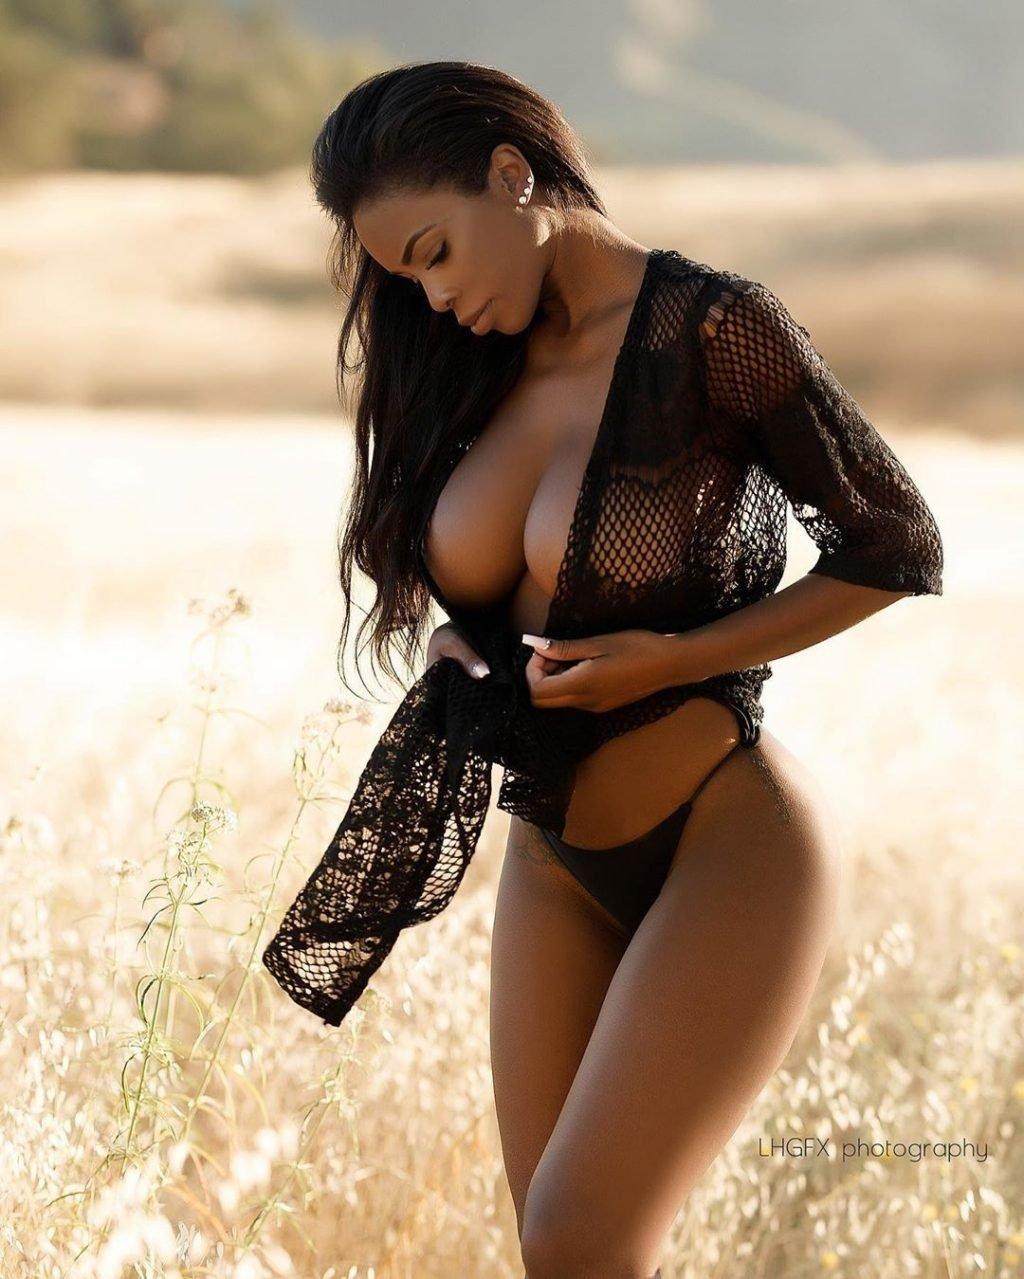 Lexi Hart Sexy (53 Photos + Videos)